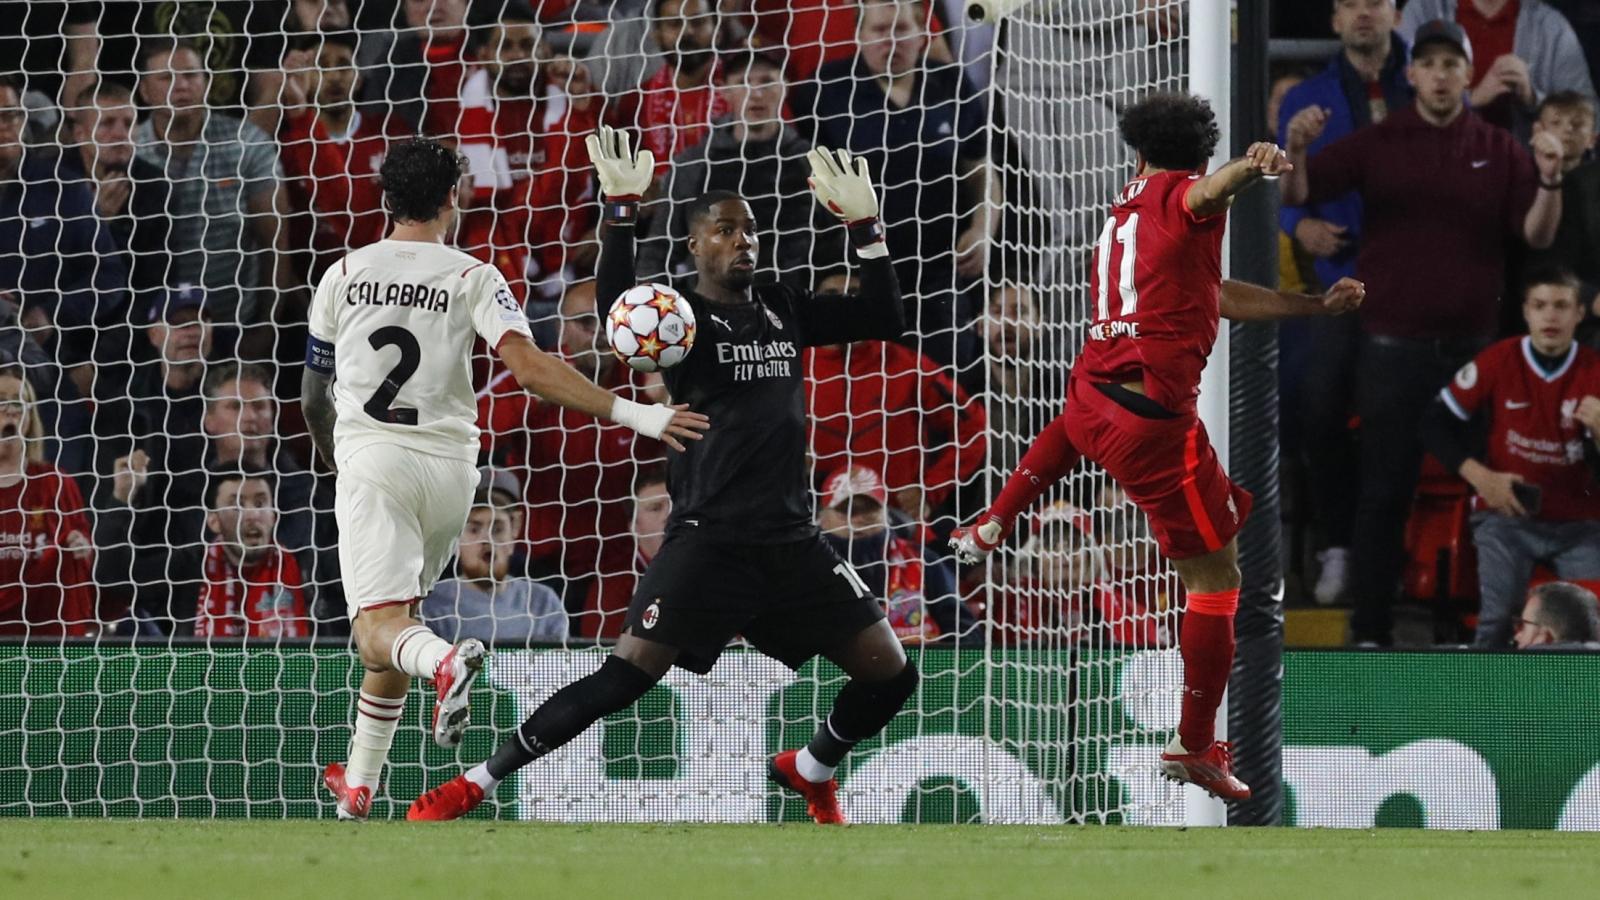 Kết quả Champions League: Liverpool, Man City rủ nhau thắng kịch tính